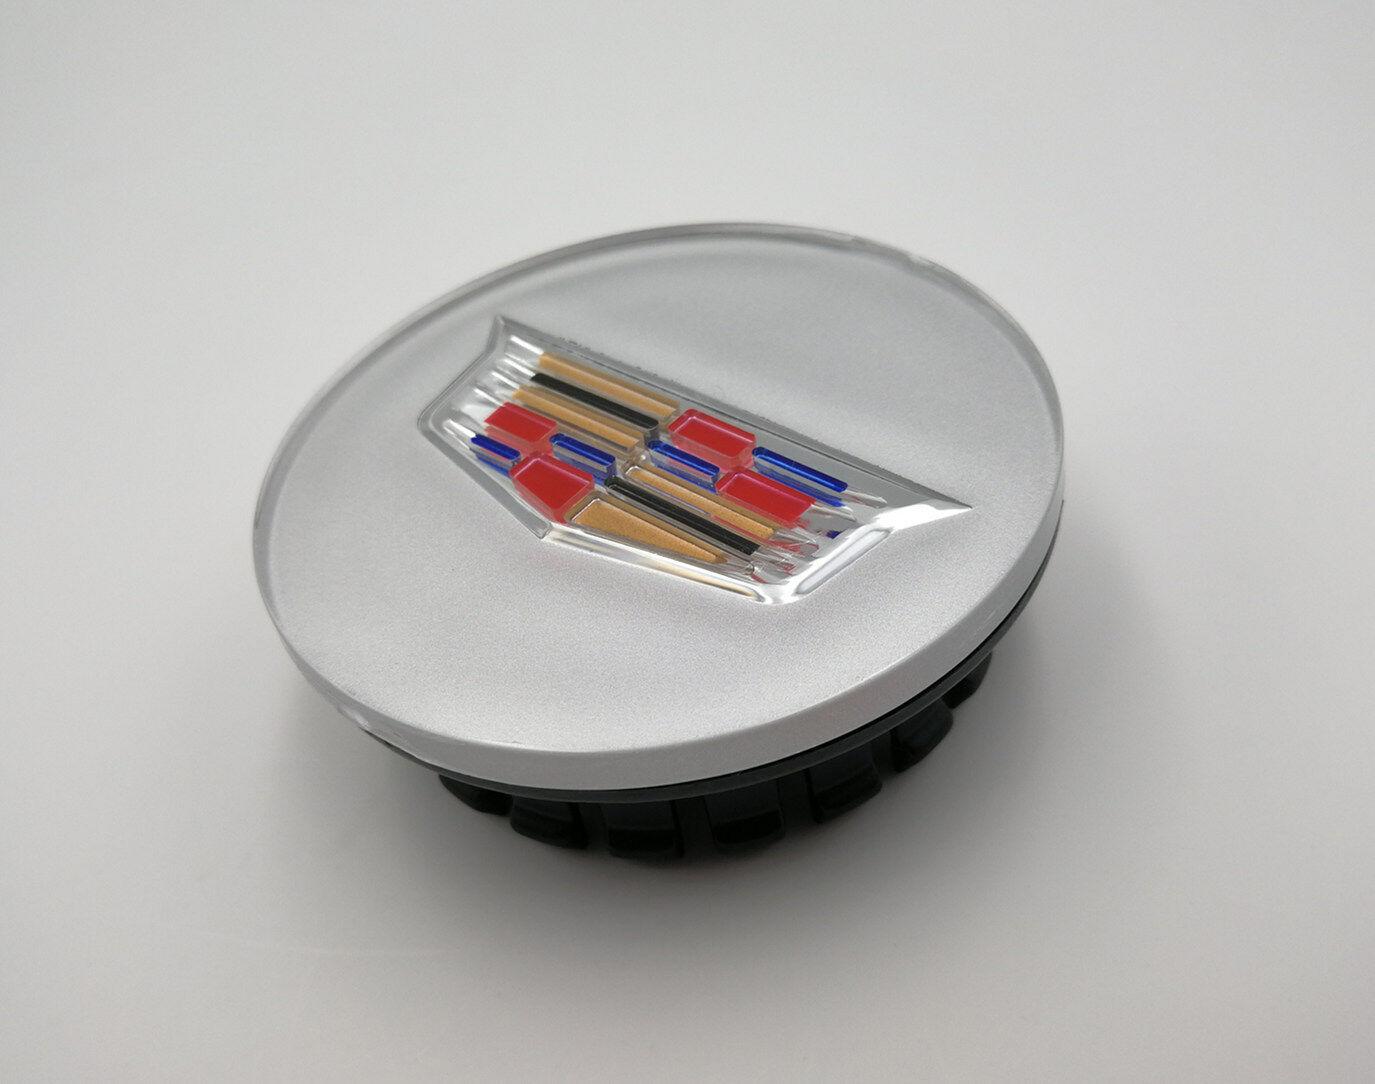 yunming 4pcs 65mm Car Accessories Emblem Badge Sticker Wheel Hub Caps Centre Cover Firt for Cadillac ATS CTS EXT SRX XTS XLR Silver